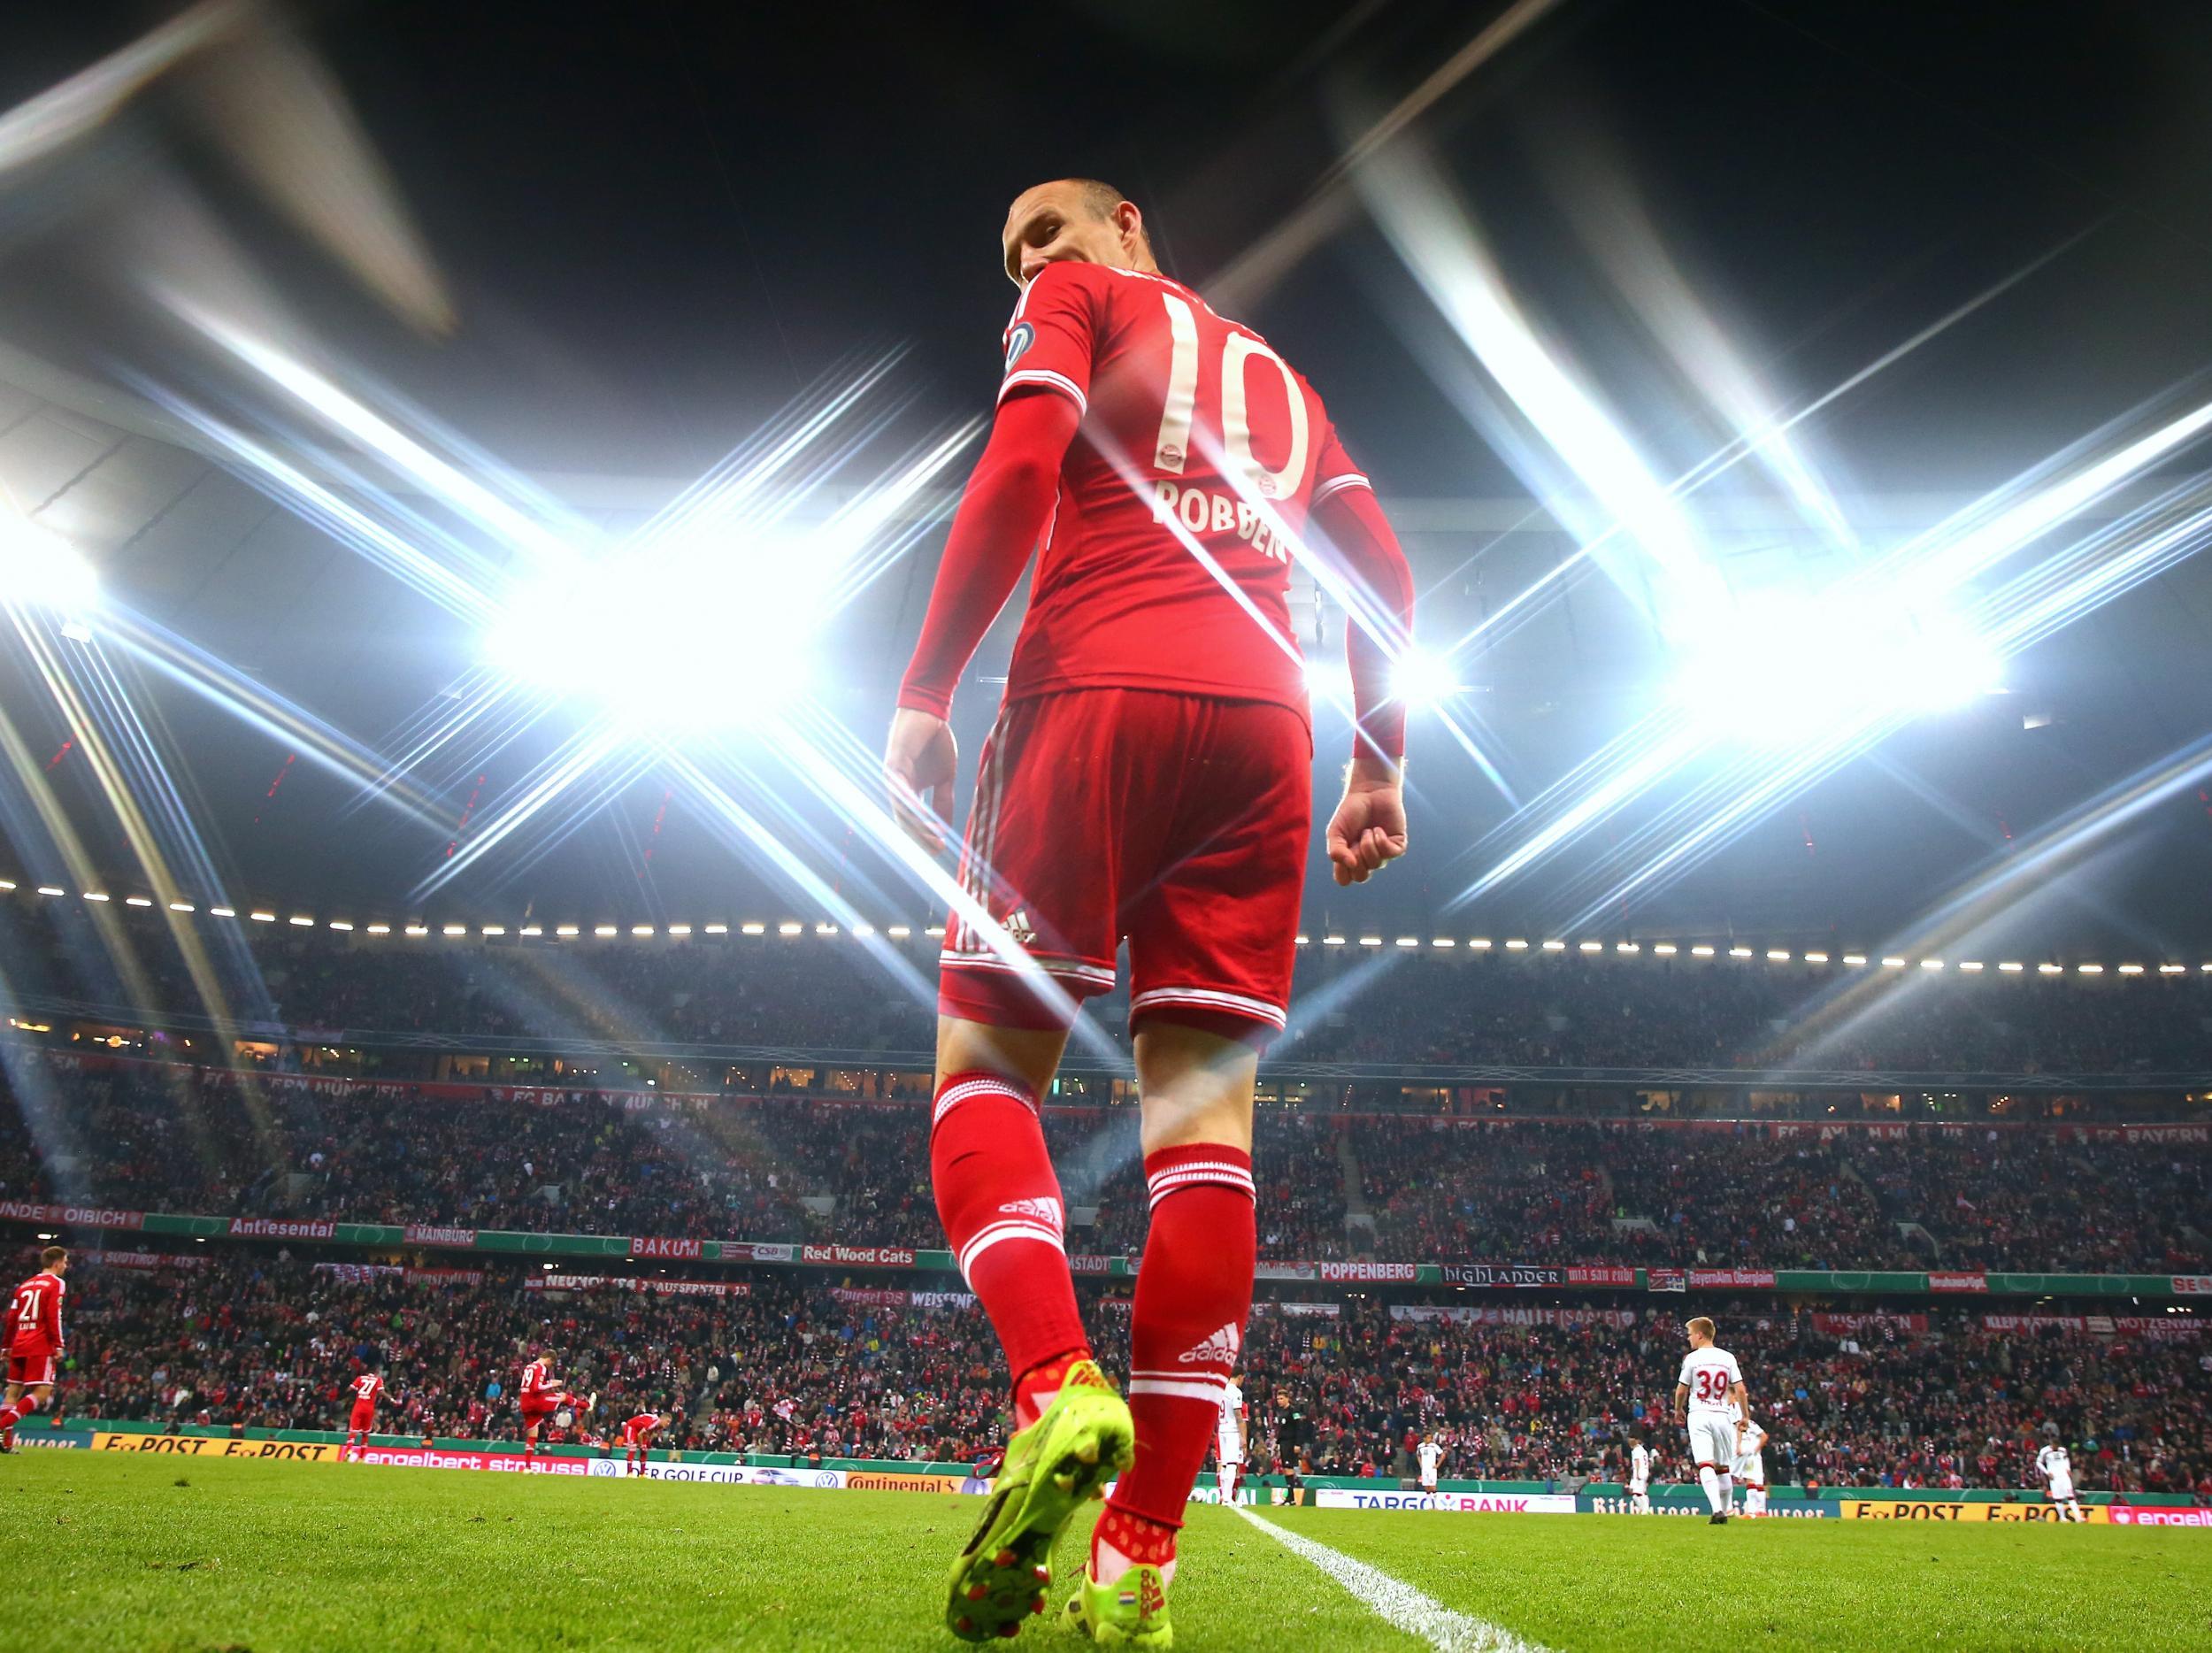 30. Arjen Robben